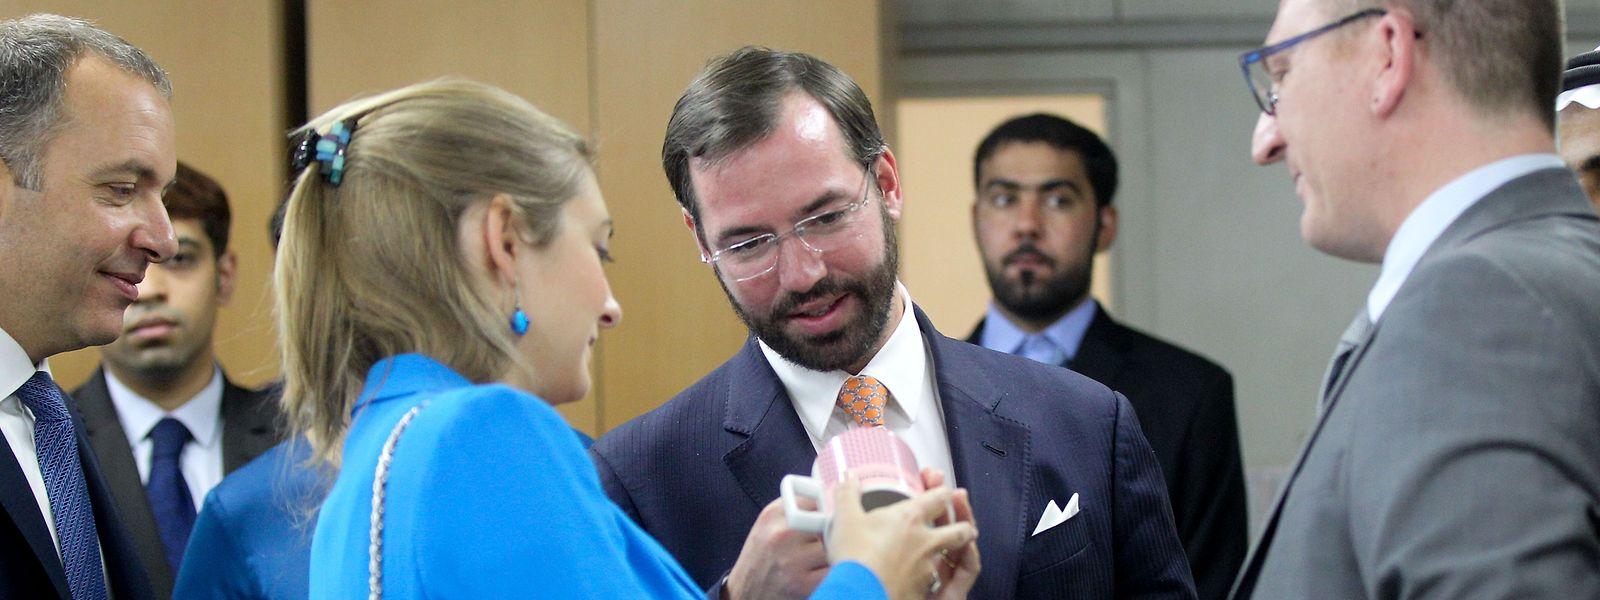 Prinz Guillaume und seine Frau Stéphanie schauen sich die eben gefertigte Nation-Branding-Tasse ganz genau an.